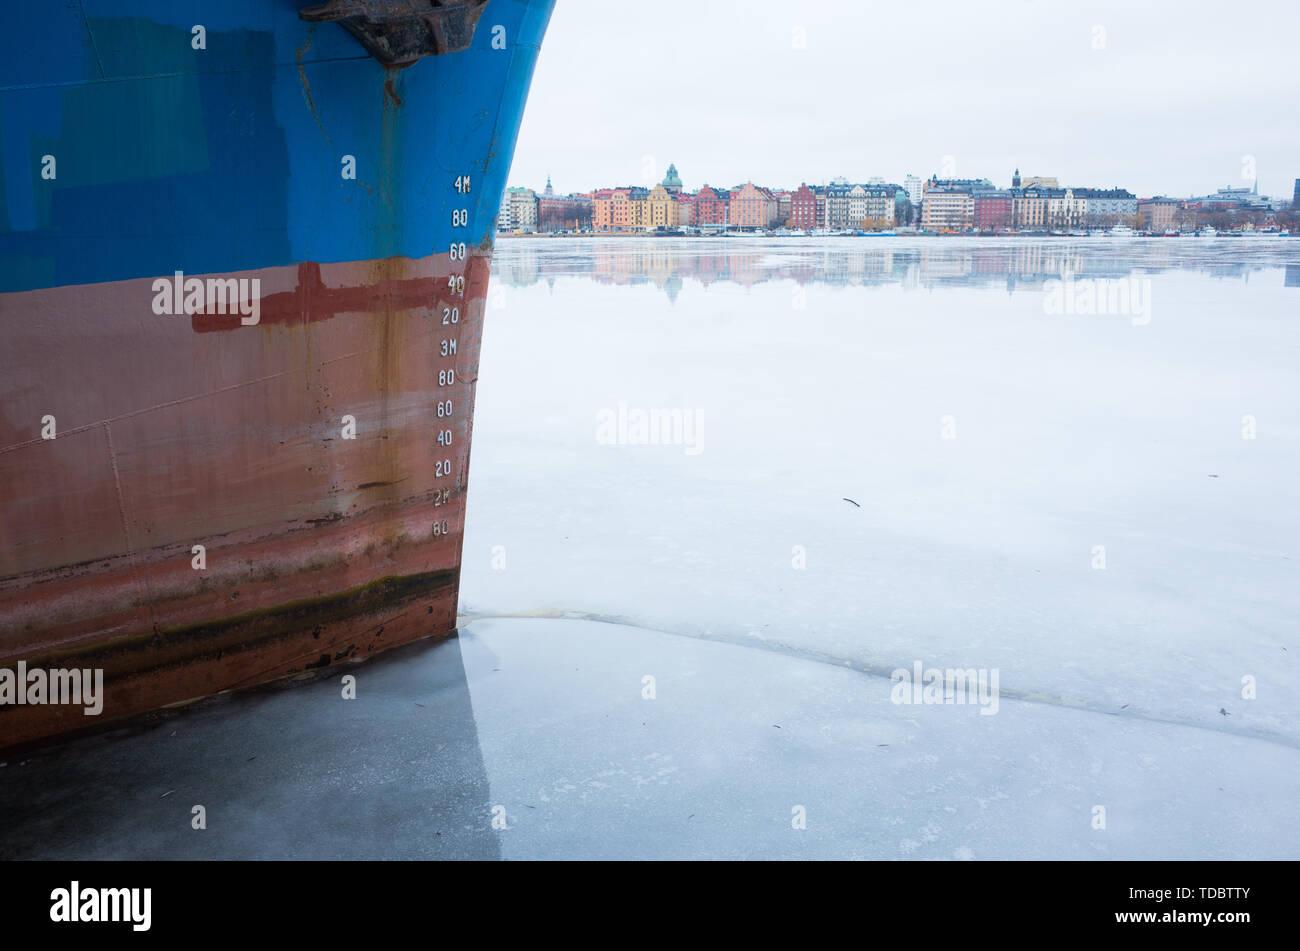 Vista invernal de Kungsholmen de Estocolmo, mirando a través del lago congelado con barcos amarrados en el primer plano. Foto de stock